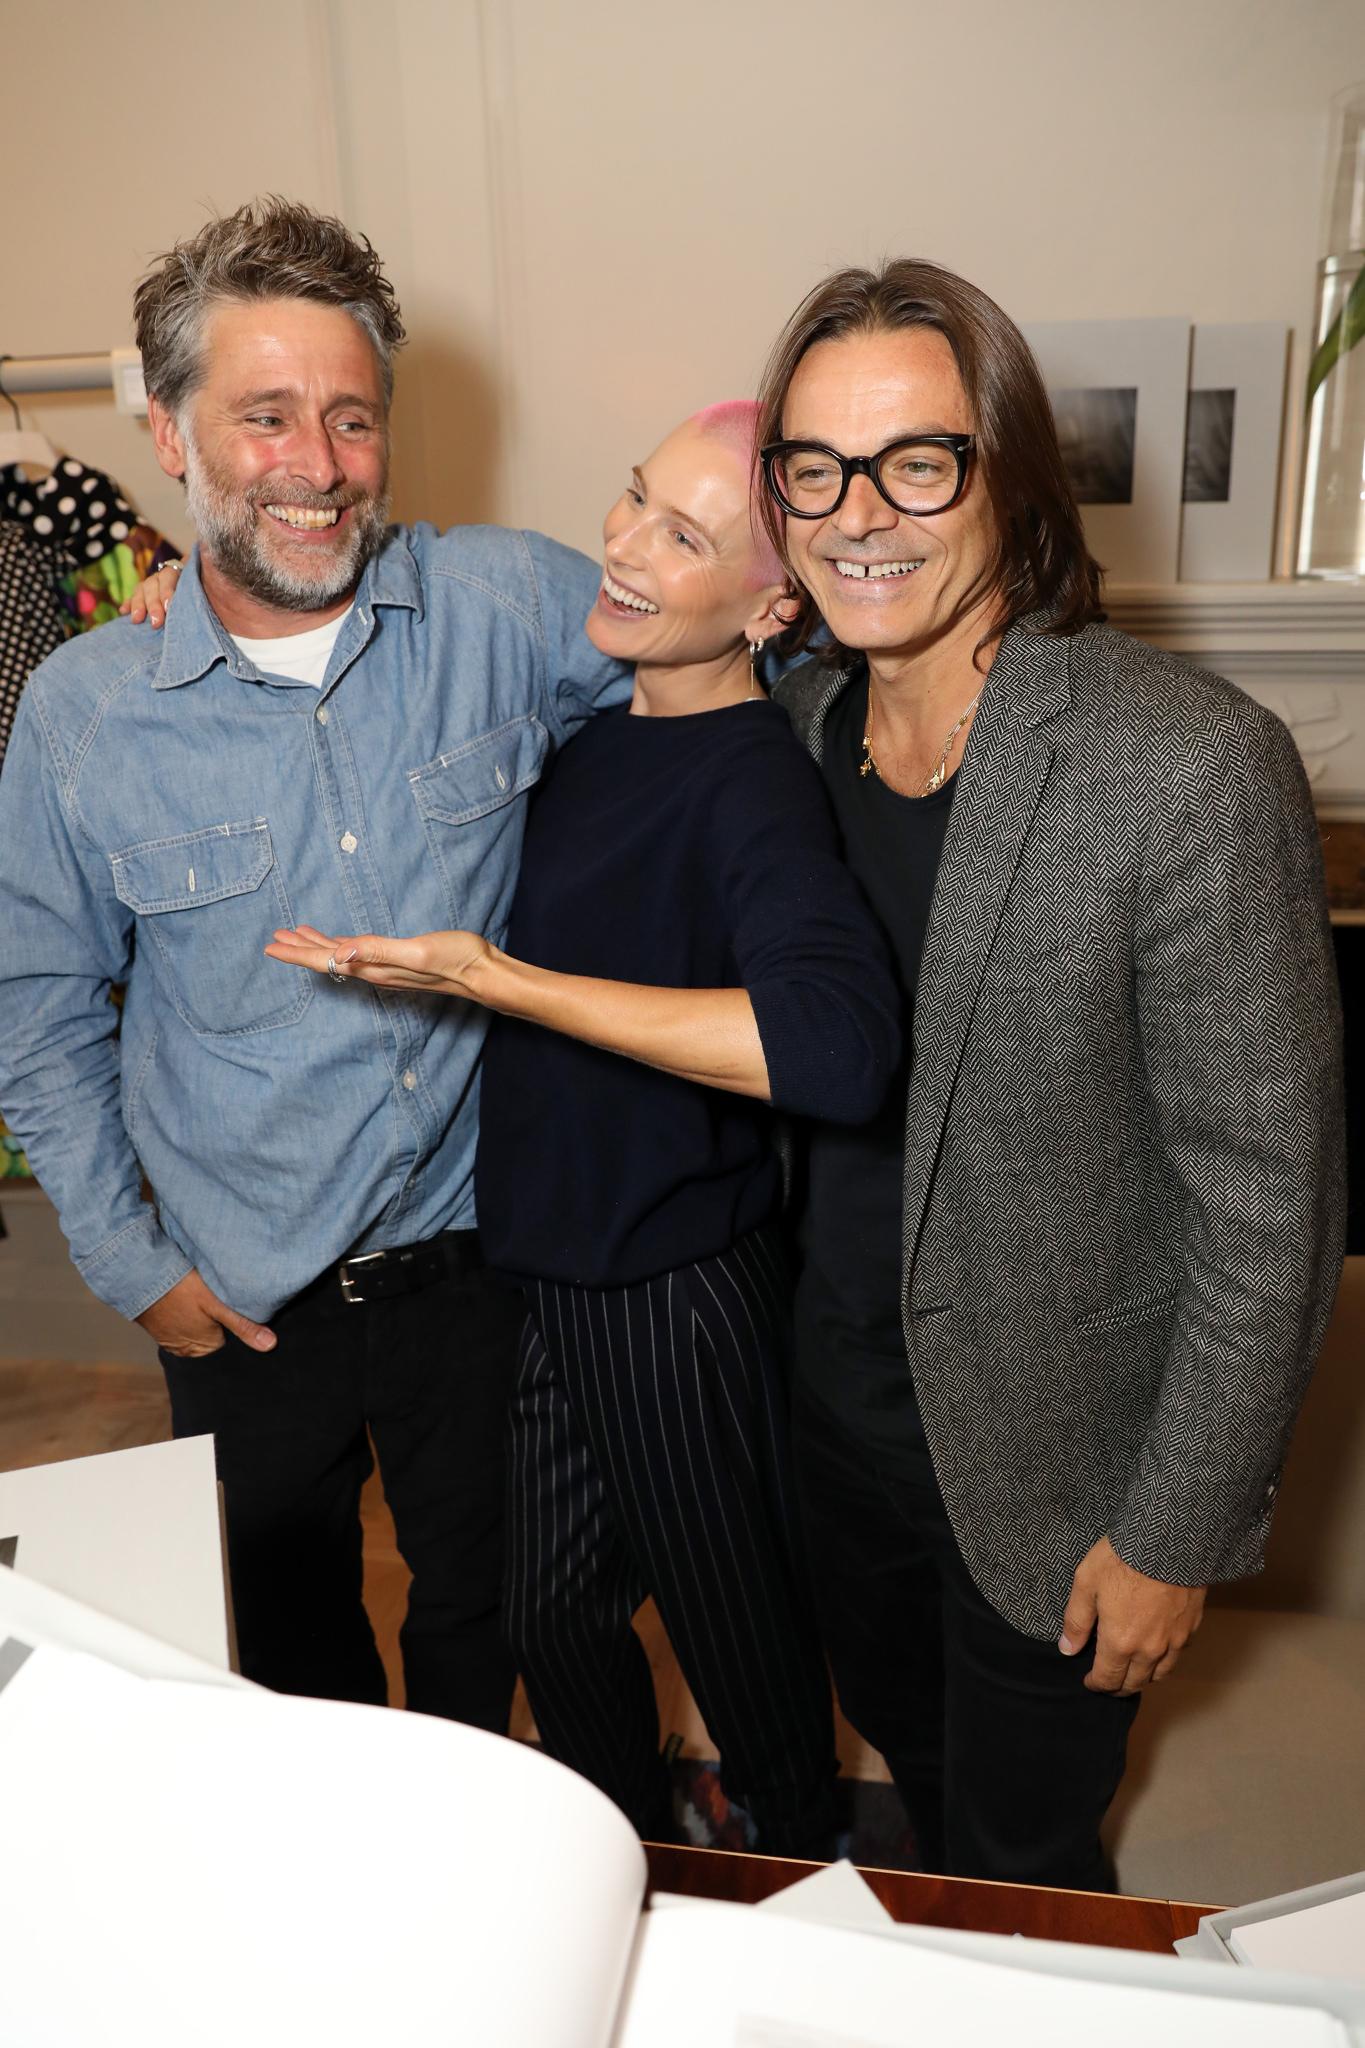 David Sims, Dree Hemingway and Mario Sorrenti